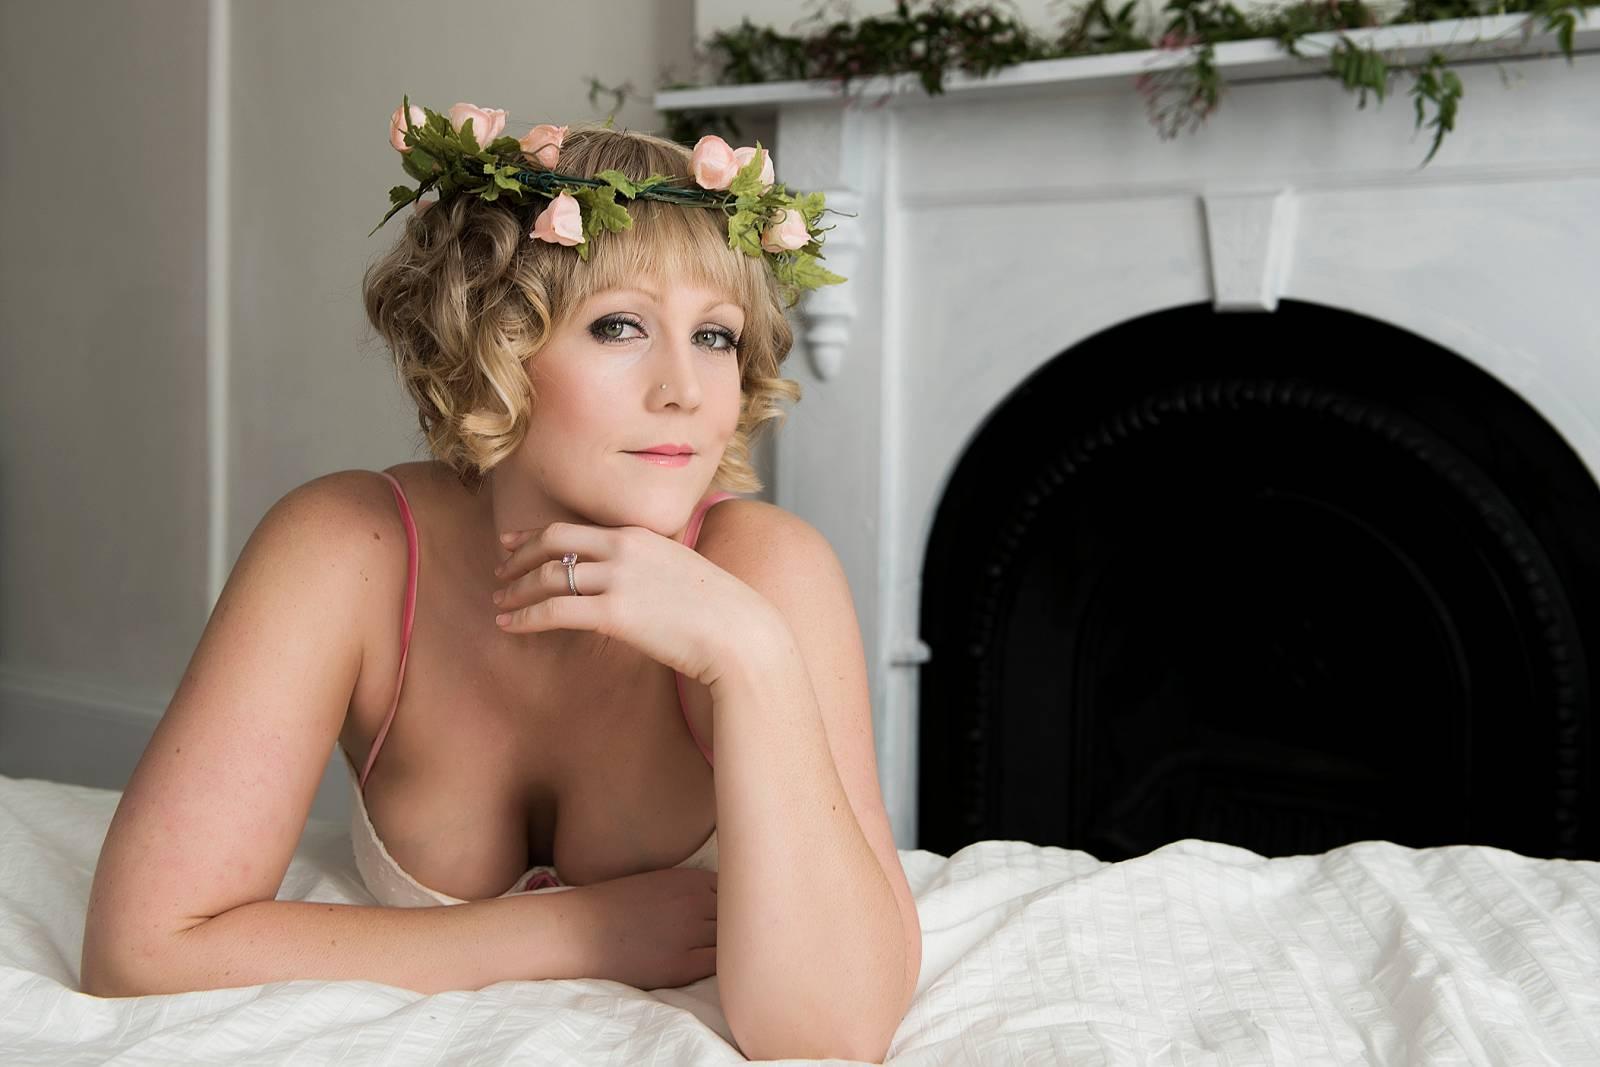 Sexy-bridal-photos-11.jpg